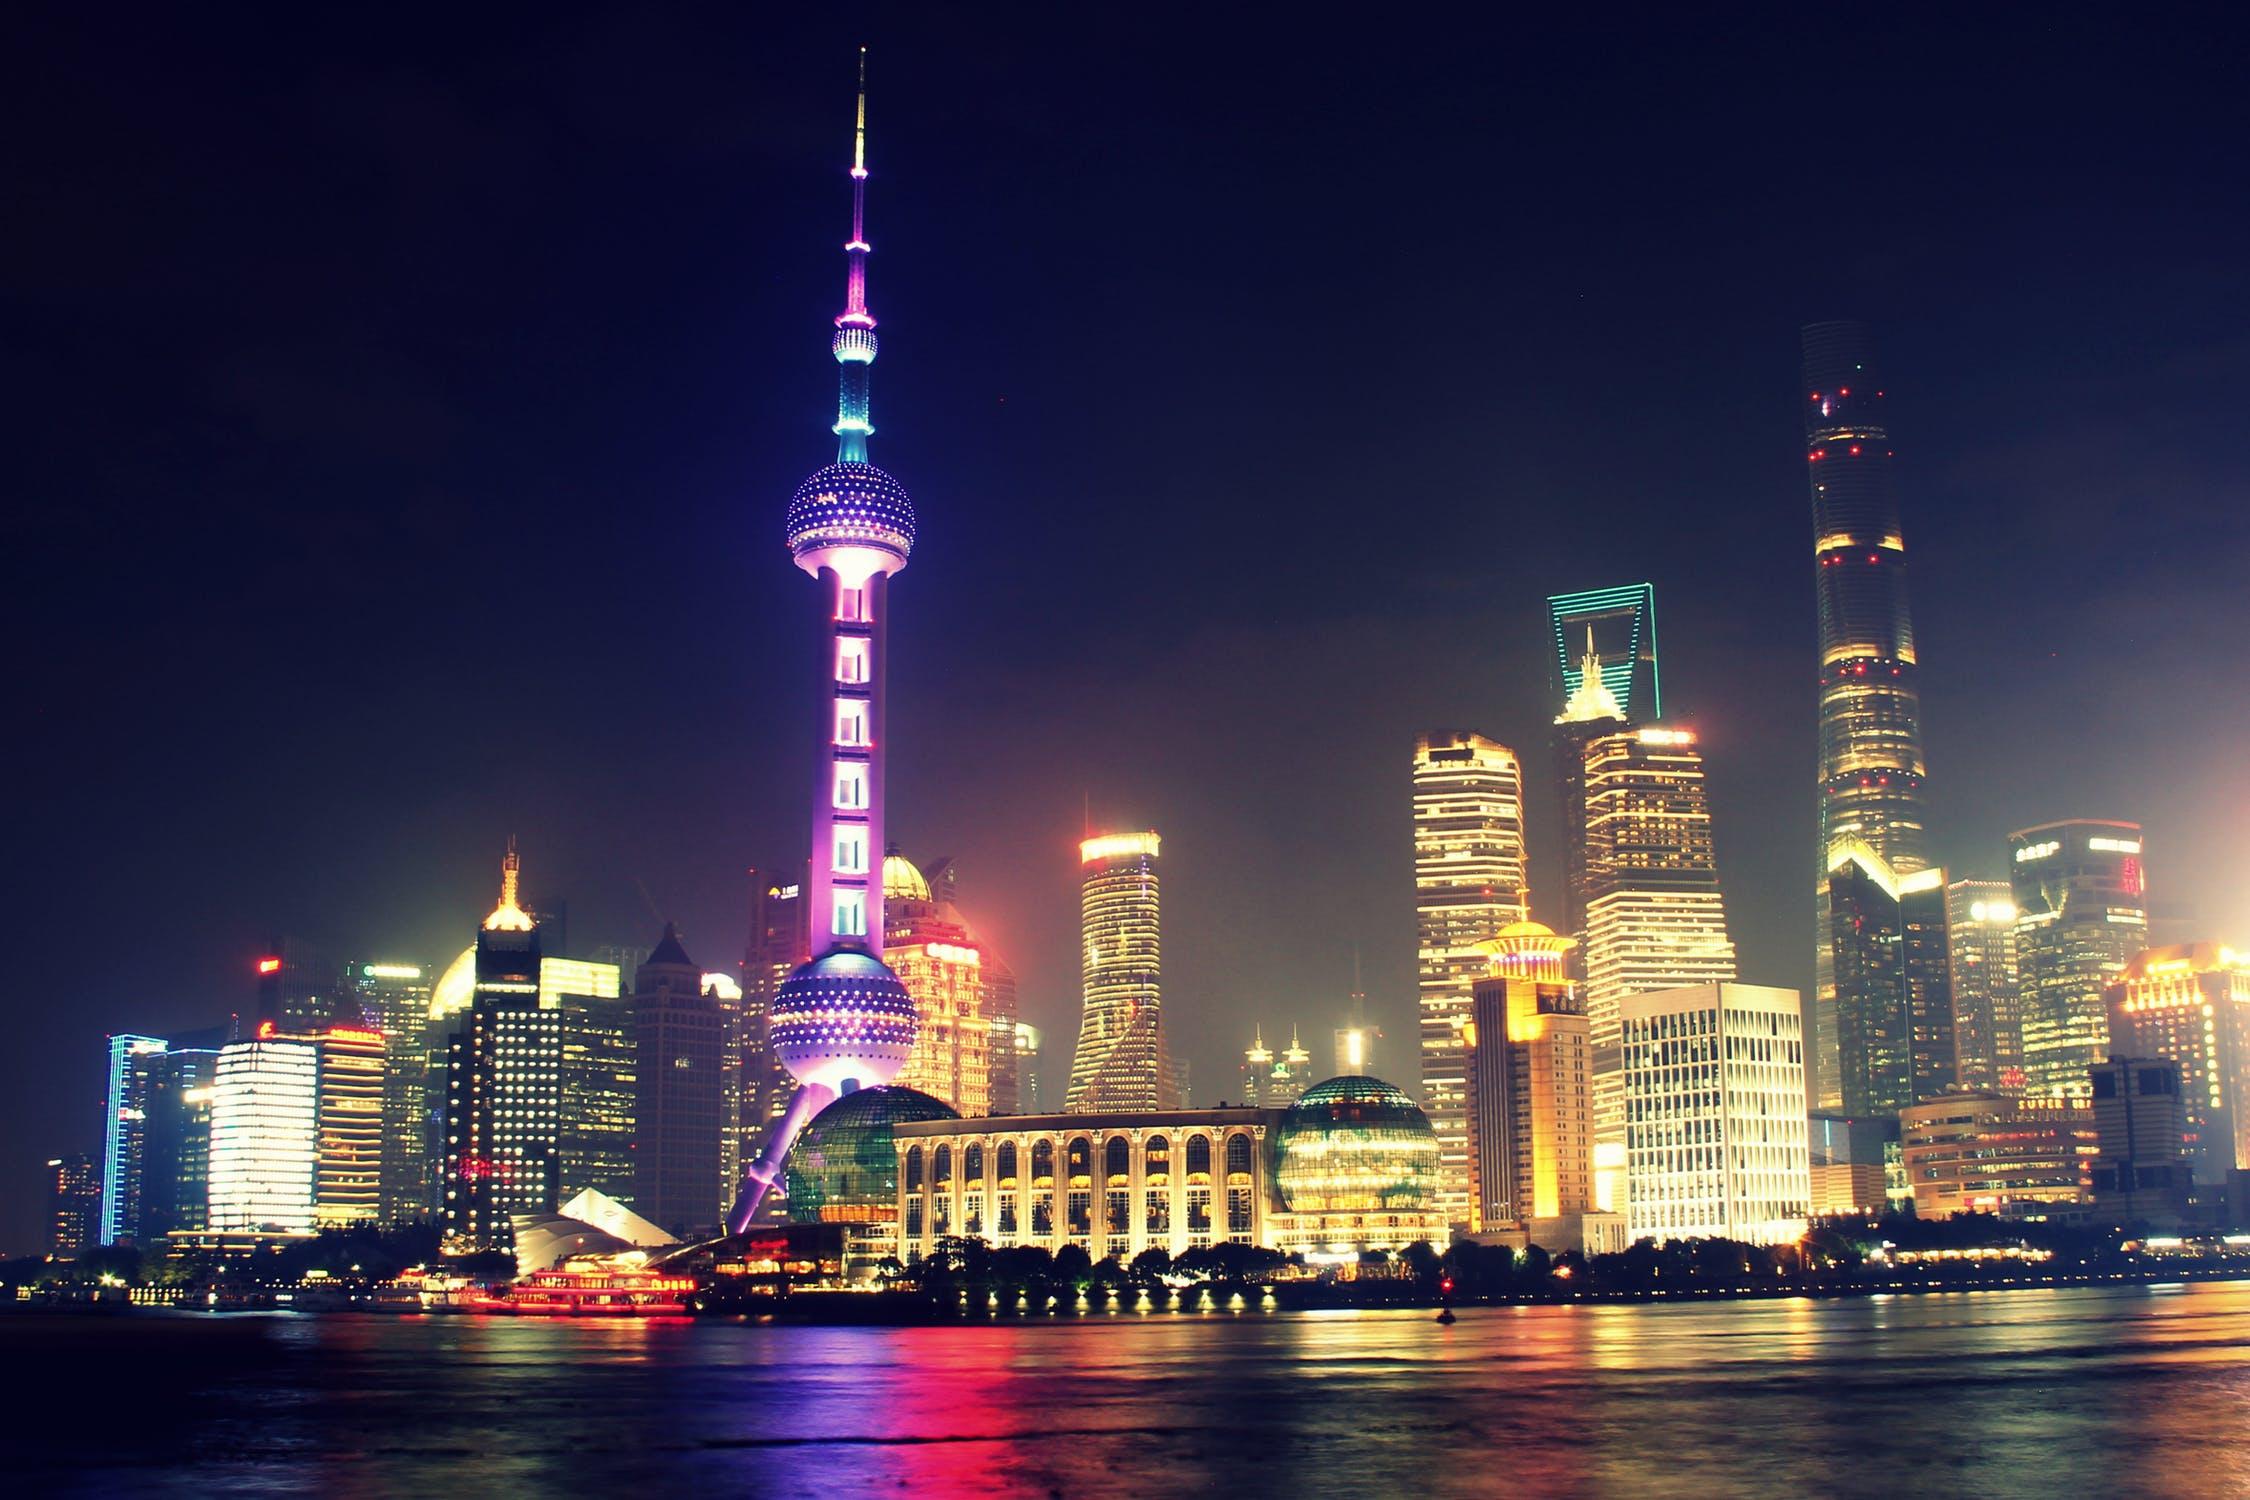 นำเข้าจากจีนอย่างไรให้ประสบความสำเร็จ